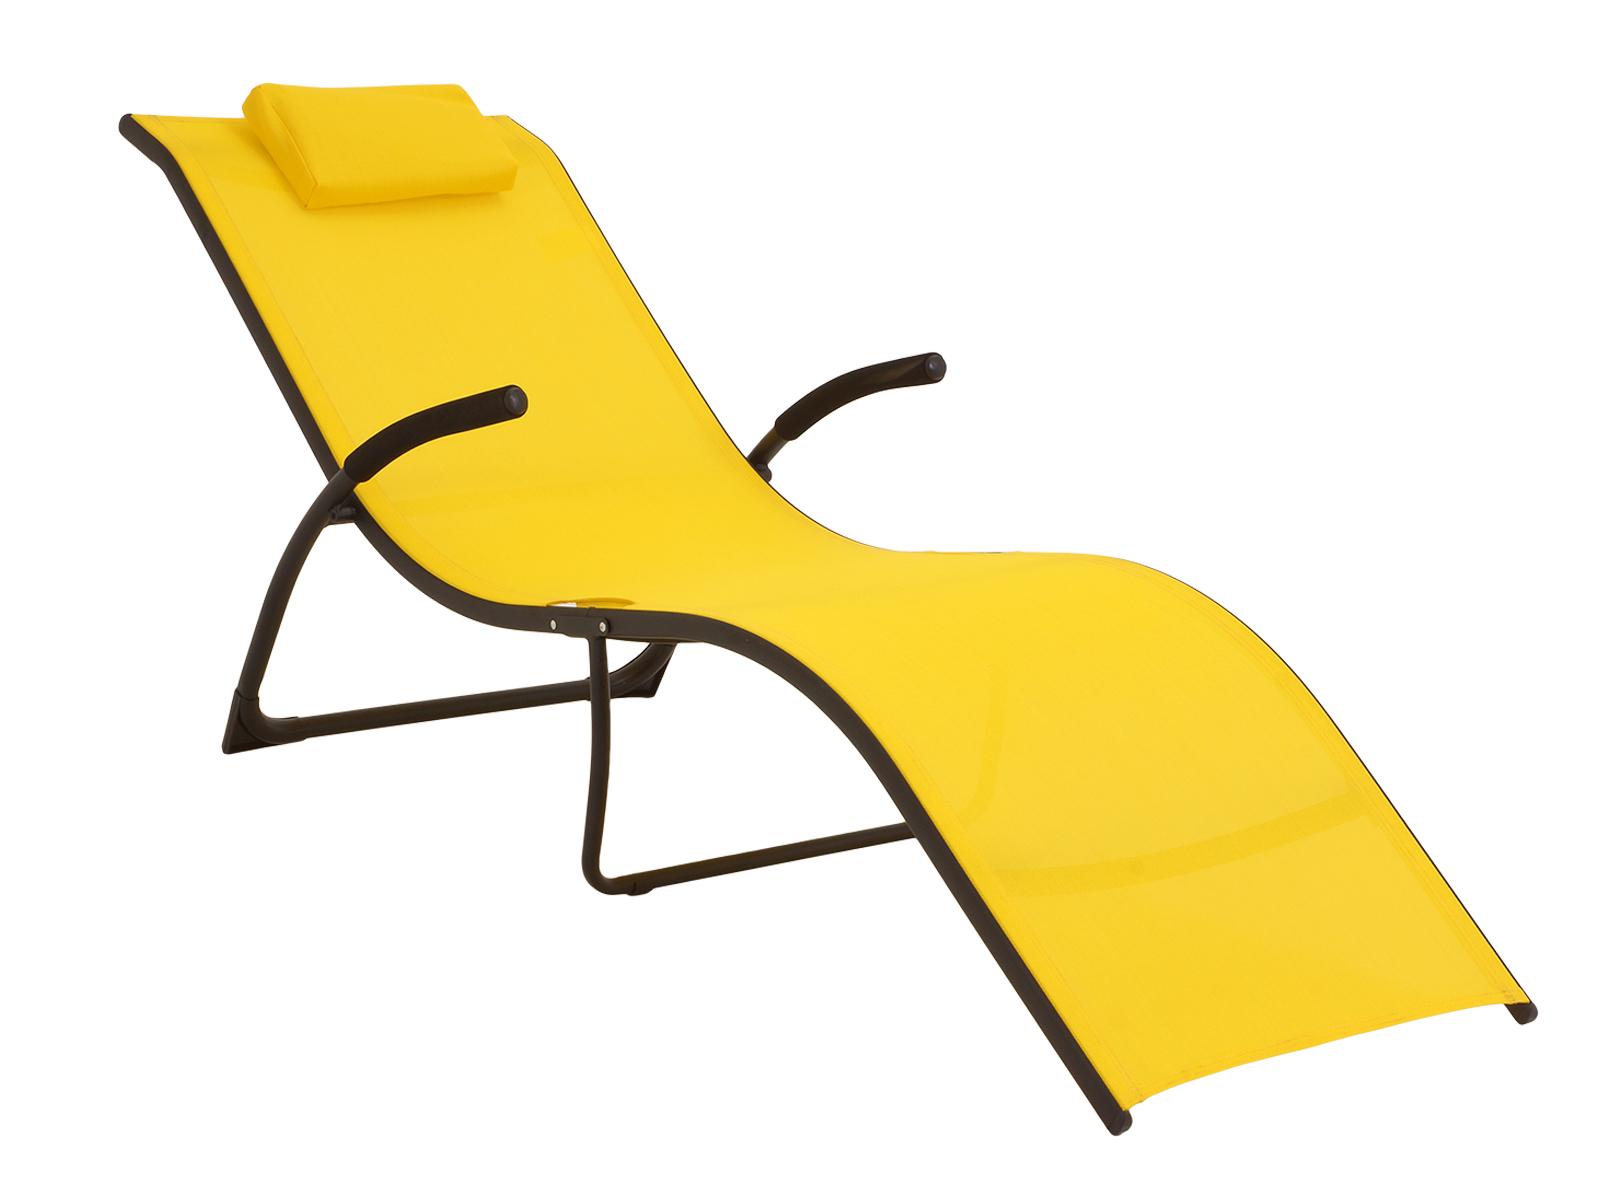 Шезлонг SunnyШезлонги<br>Удобный, раскладной шезлонг с сиденьем из текстилена.<br><br>Material: Текстиль<br>Length см: None<br>Width см: 173<br>Depth см: 63<br>Height см: 65